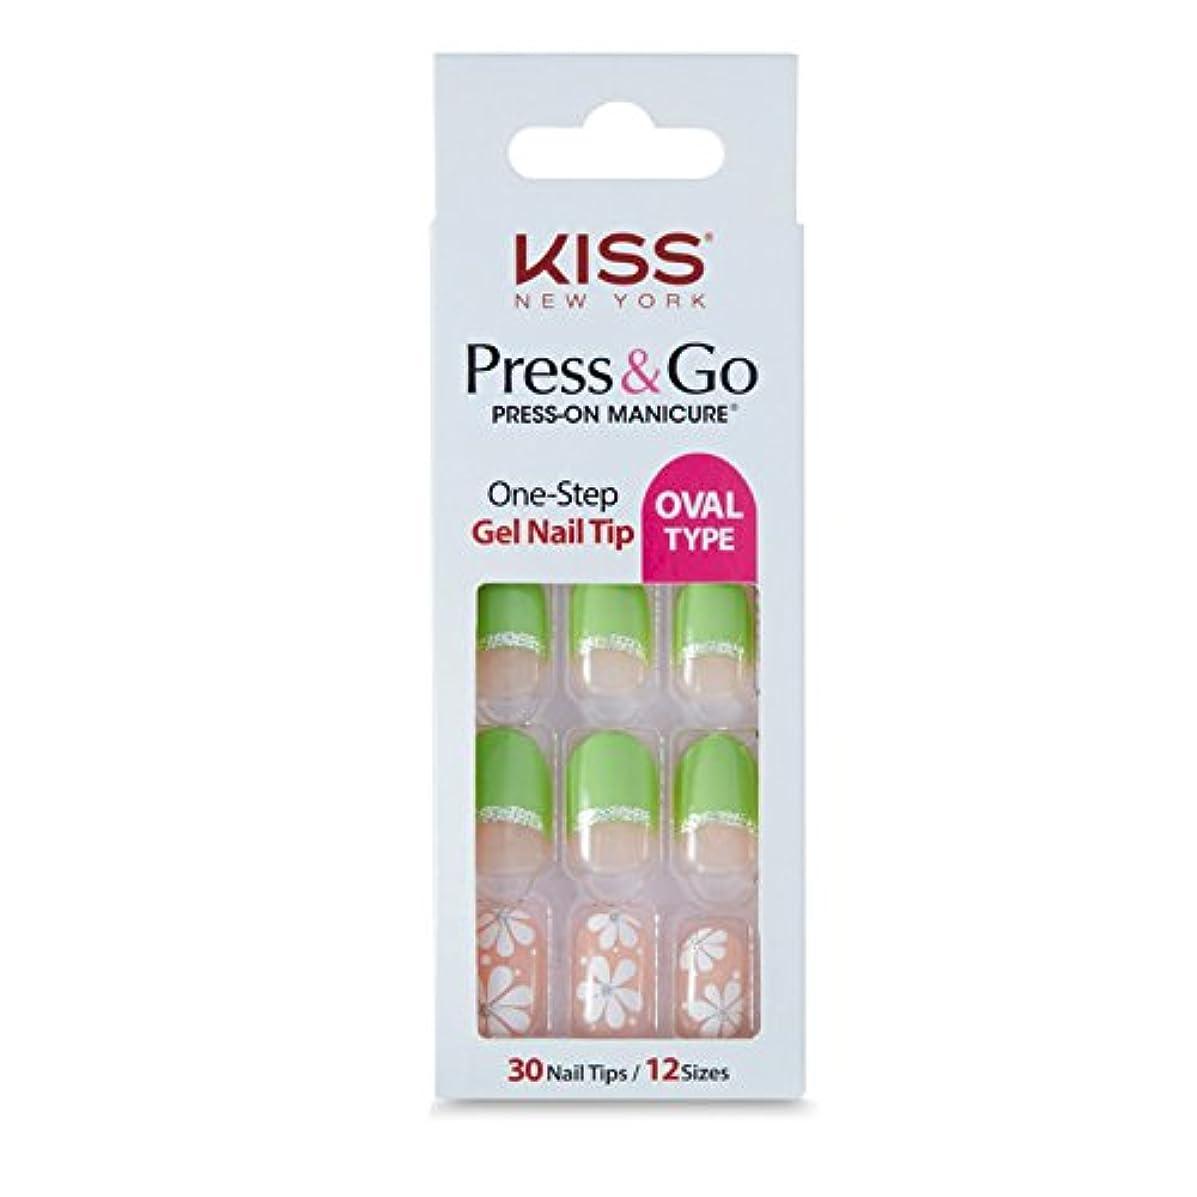 事故従順勧める[KISSNEWYORK]キスニューヨークプレスアンドゴーホワイトショットフレンチ(楕円形オーバルタイプ)/1秒成形ネイルPNG0102K付けるネイルPRESS&GO PRESS-ON MANICURE One-Step...